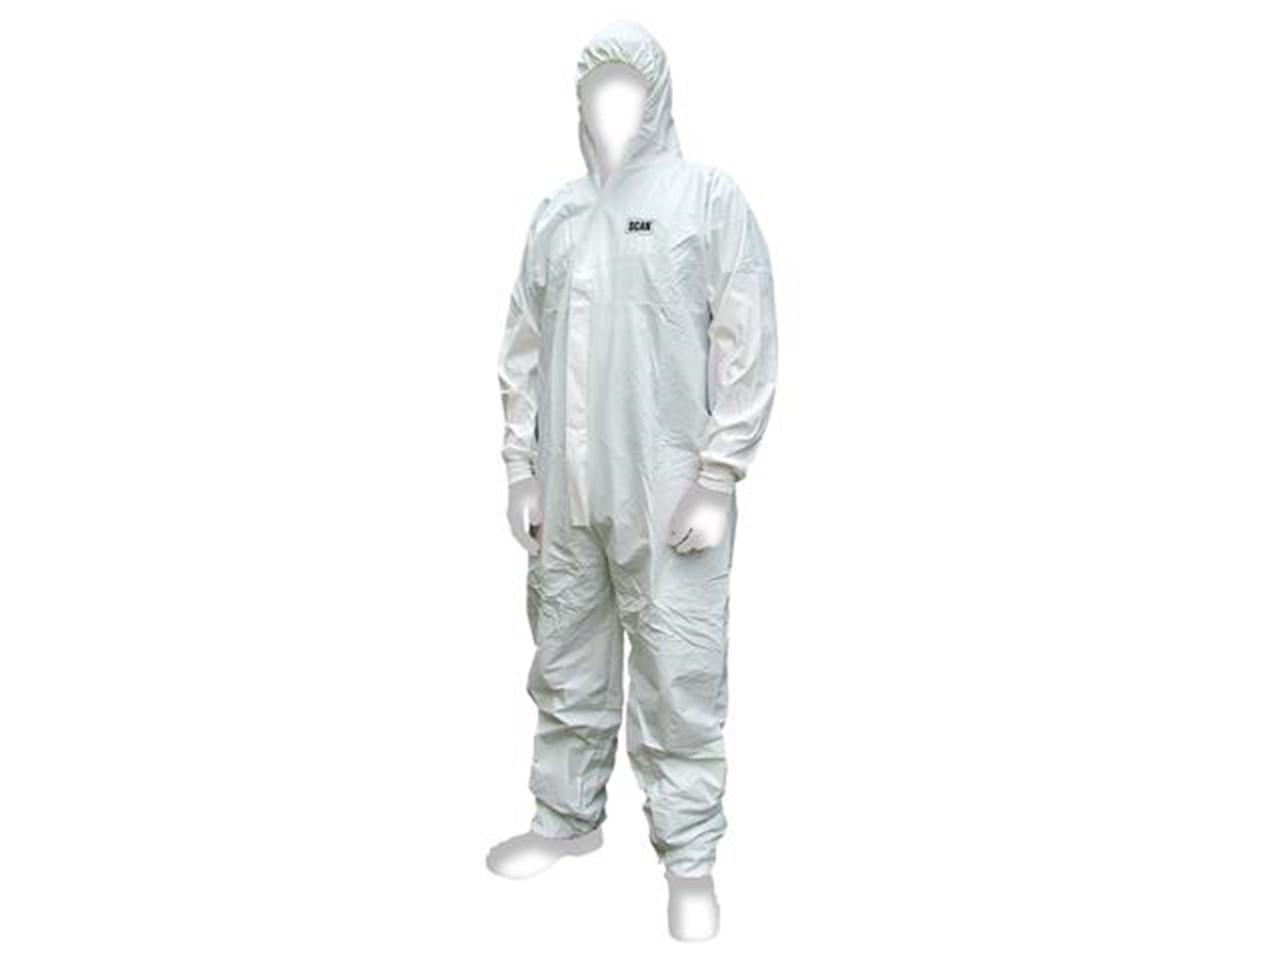 Scan CHEMSPLASH Chemical Splash Resis Disposable Coverall White Medium